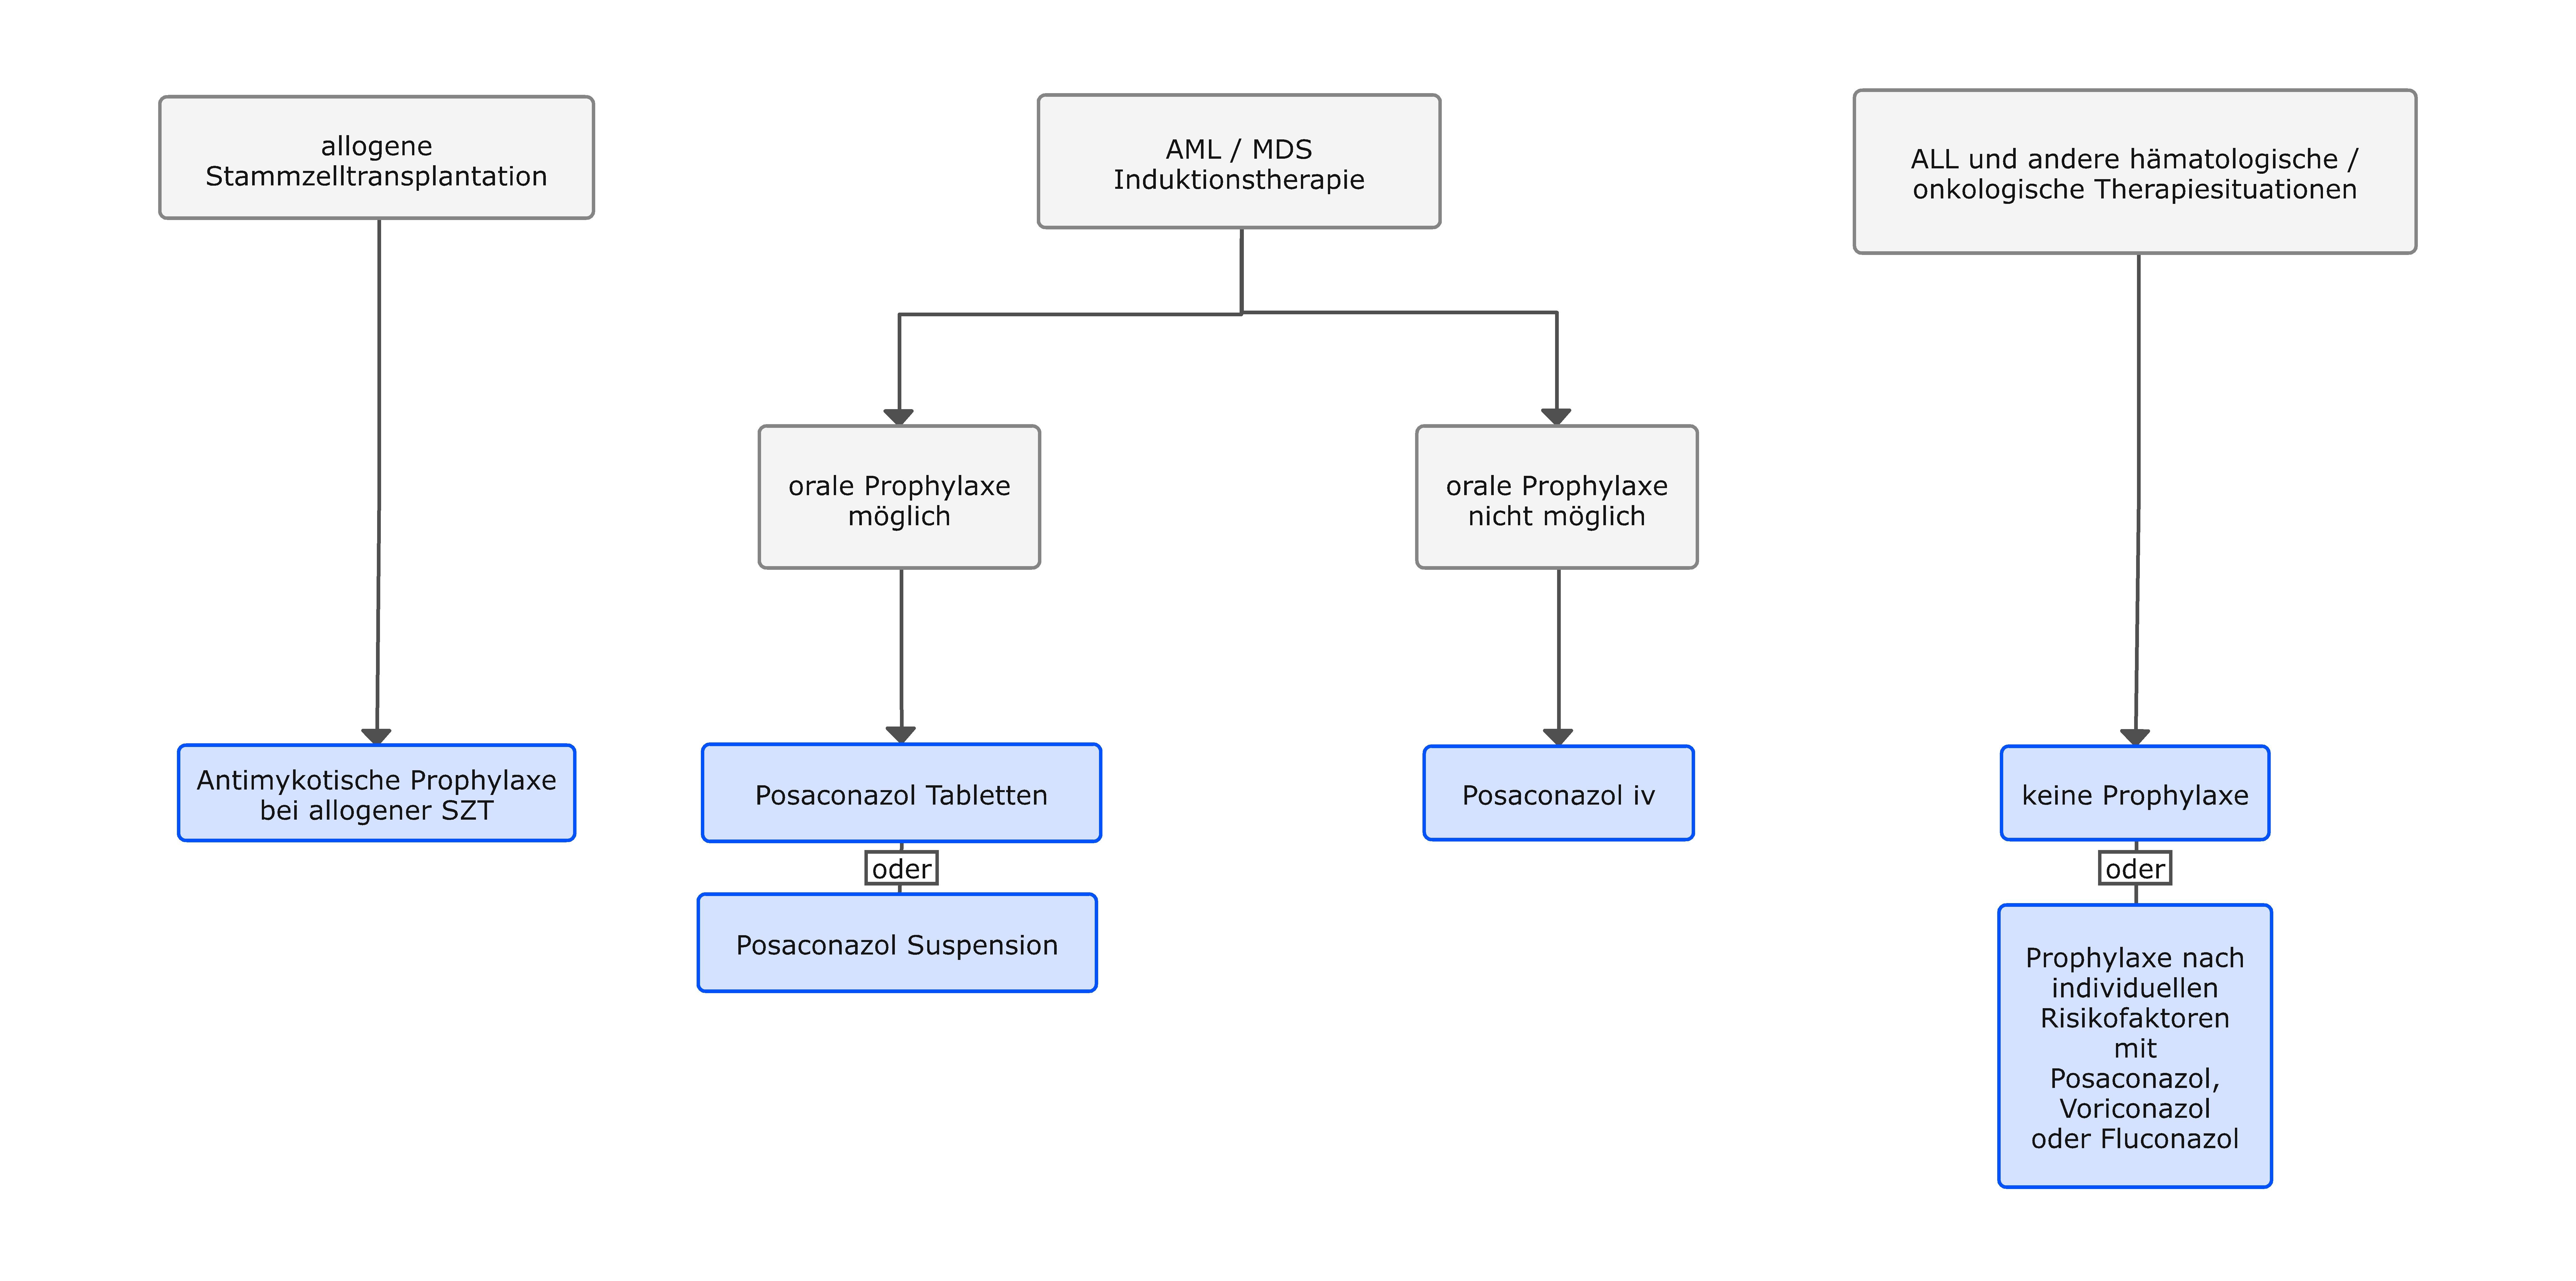 Antimykotische Prophylaxe bei Patienten mit hämatologischen Neoplasien